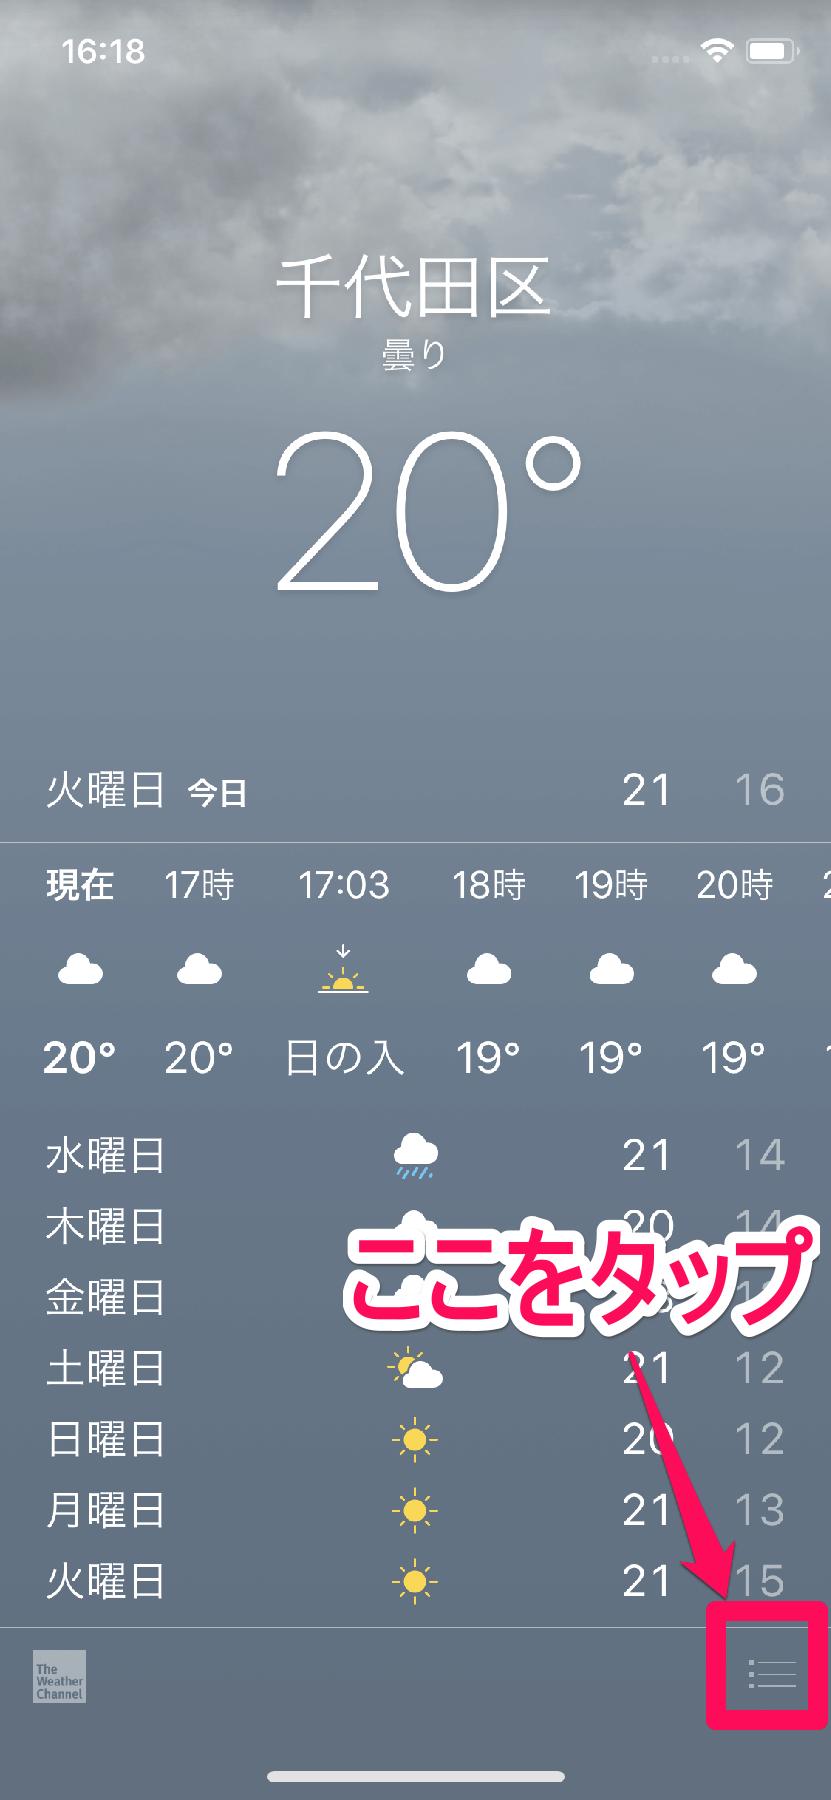 iPhone(アイフォーン、アイフォン)の天気アプリで画面右下のアイコンをタップしている画面